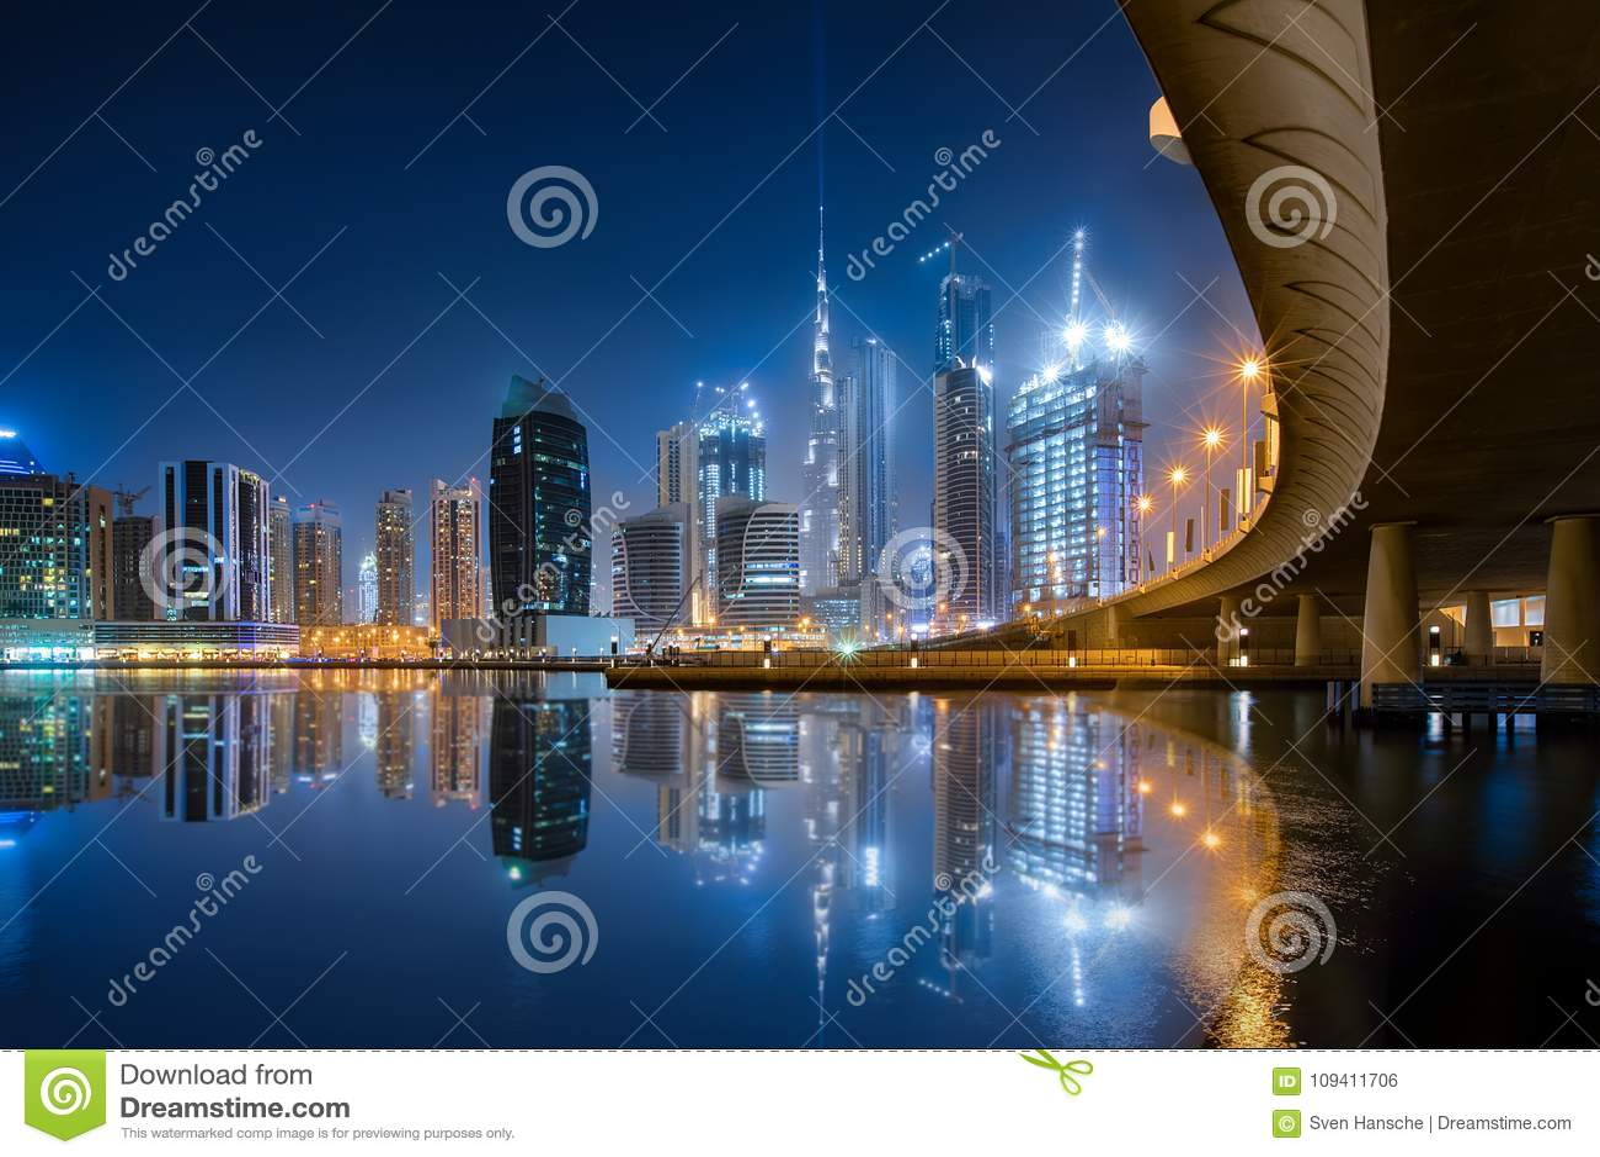 Ο επιχειρησιακός κόλπος στο Ντουμπάι κατά τη διάρκεια της νύχτας